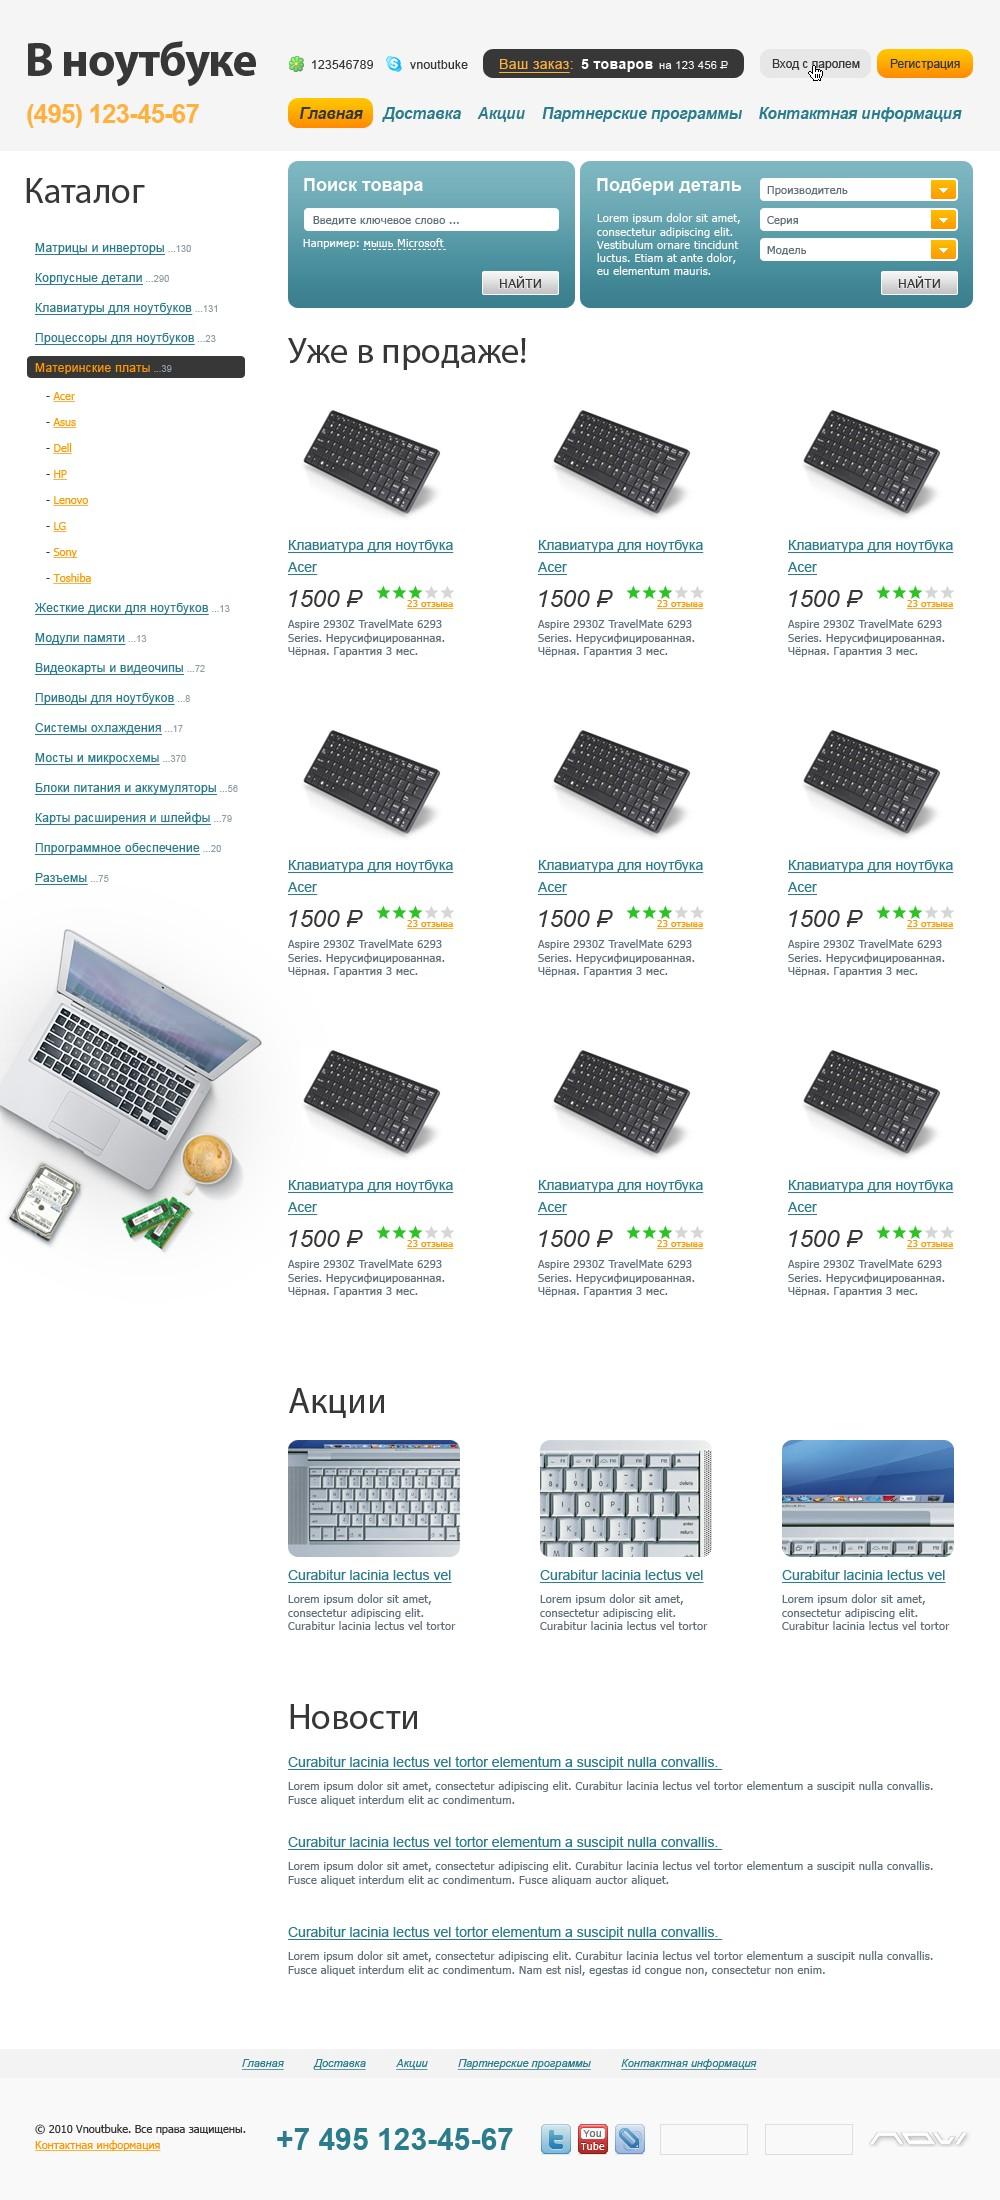 Дизайн Сайта Вноутбуке